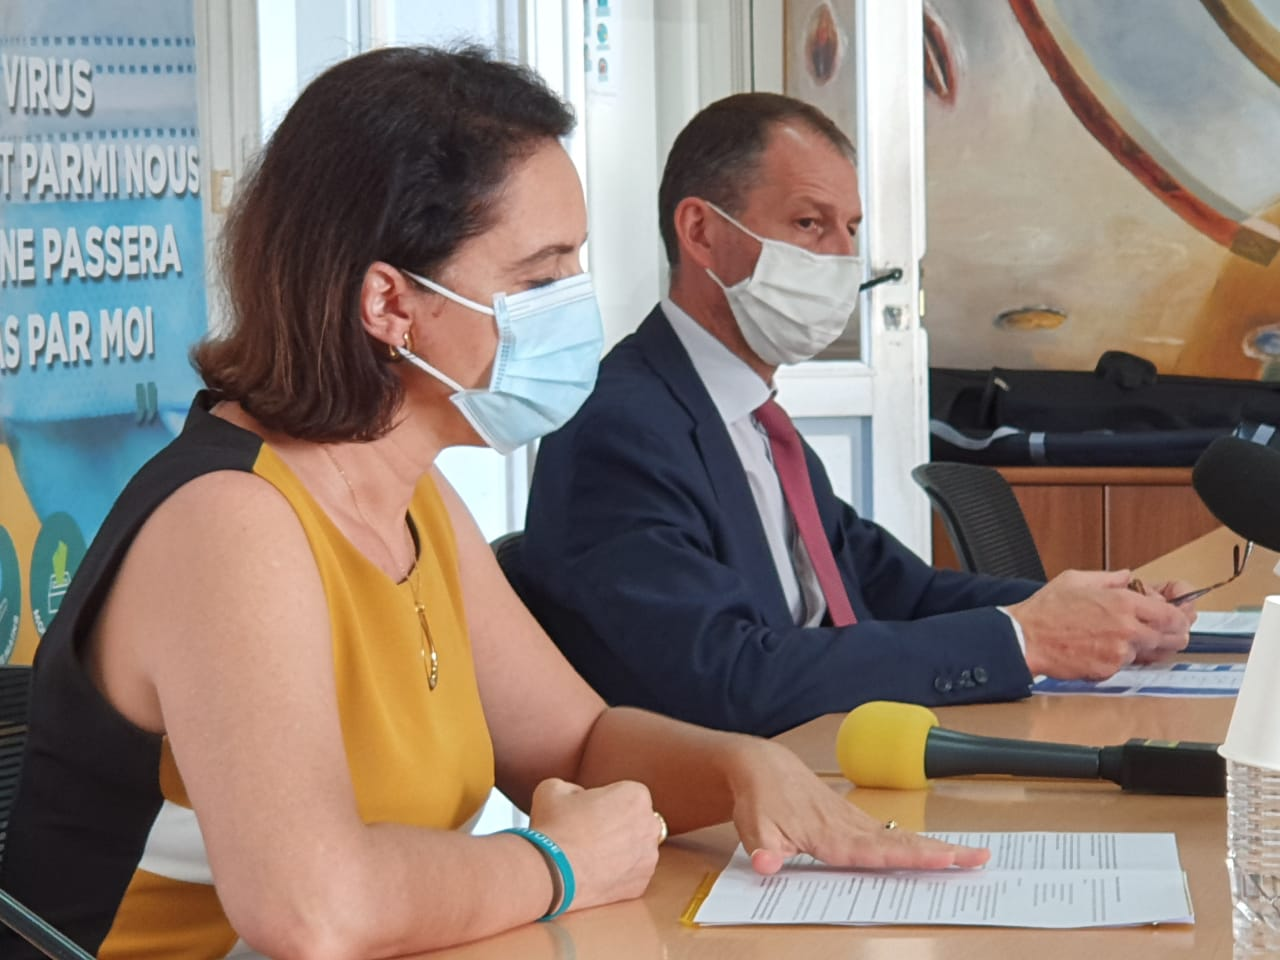 Le coronavirus fait deux nouveaux décès en Guadeloupe